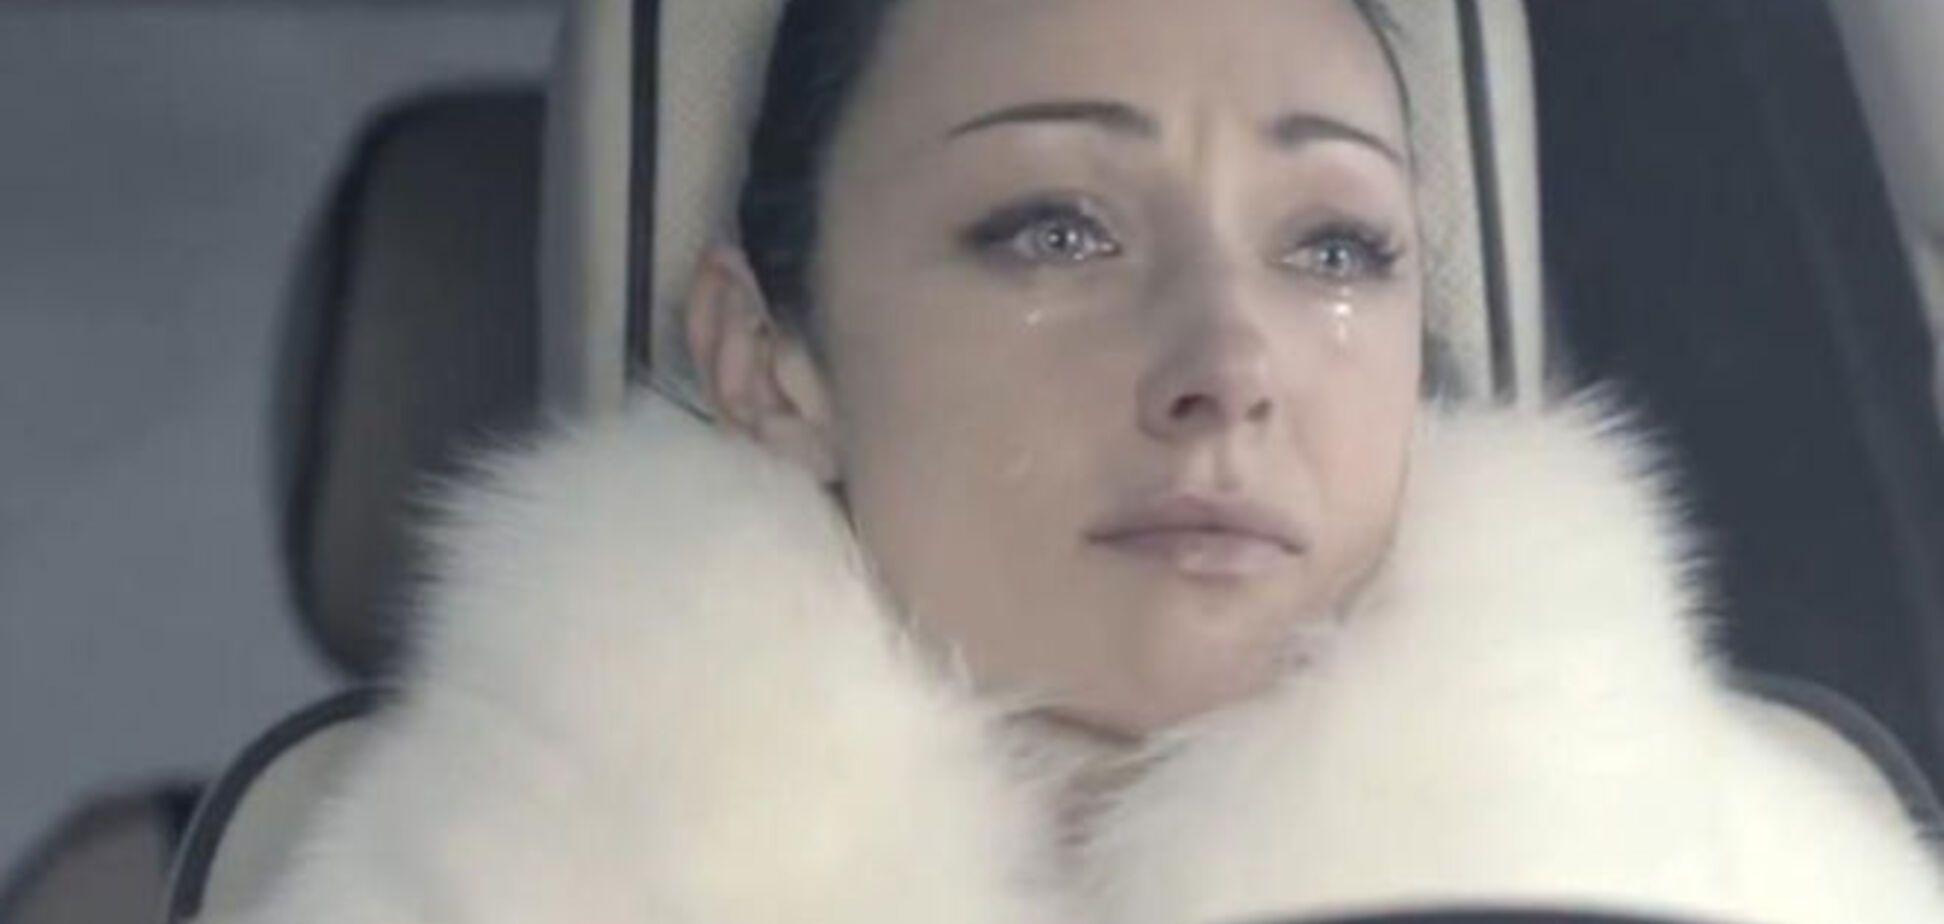 Украинская лав-стори, или Плачет девушка в дорогом авто